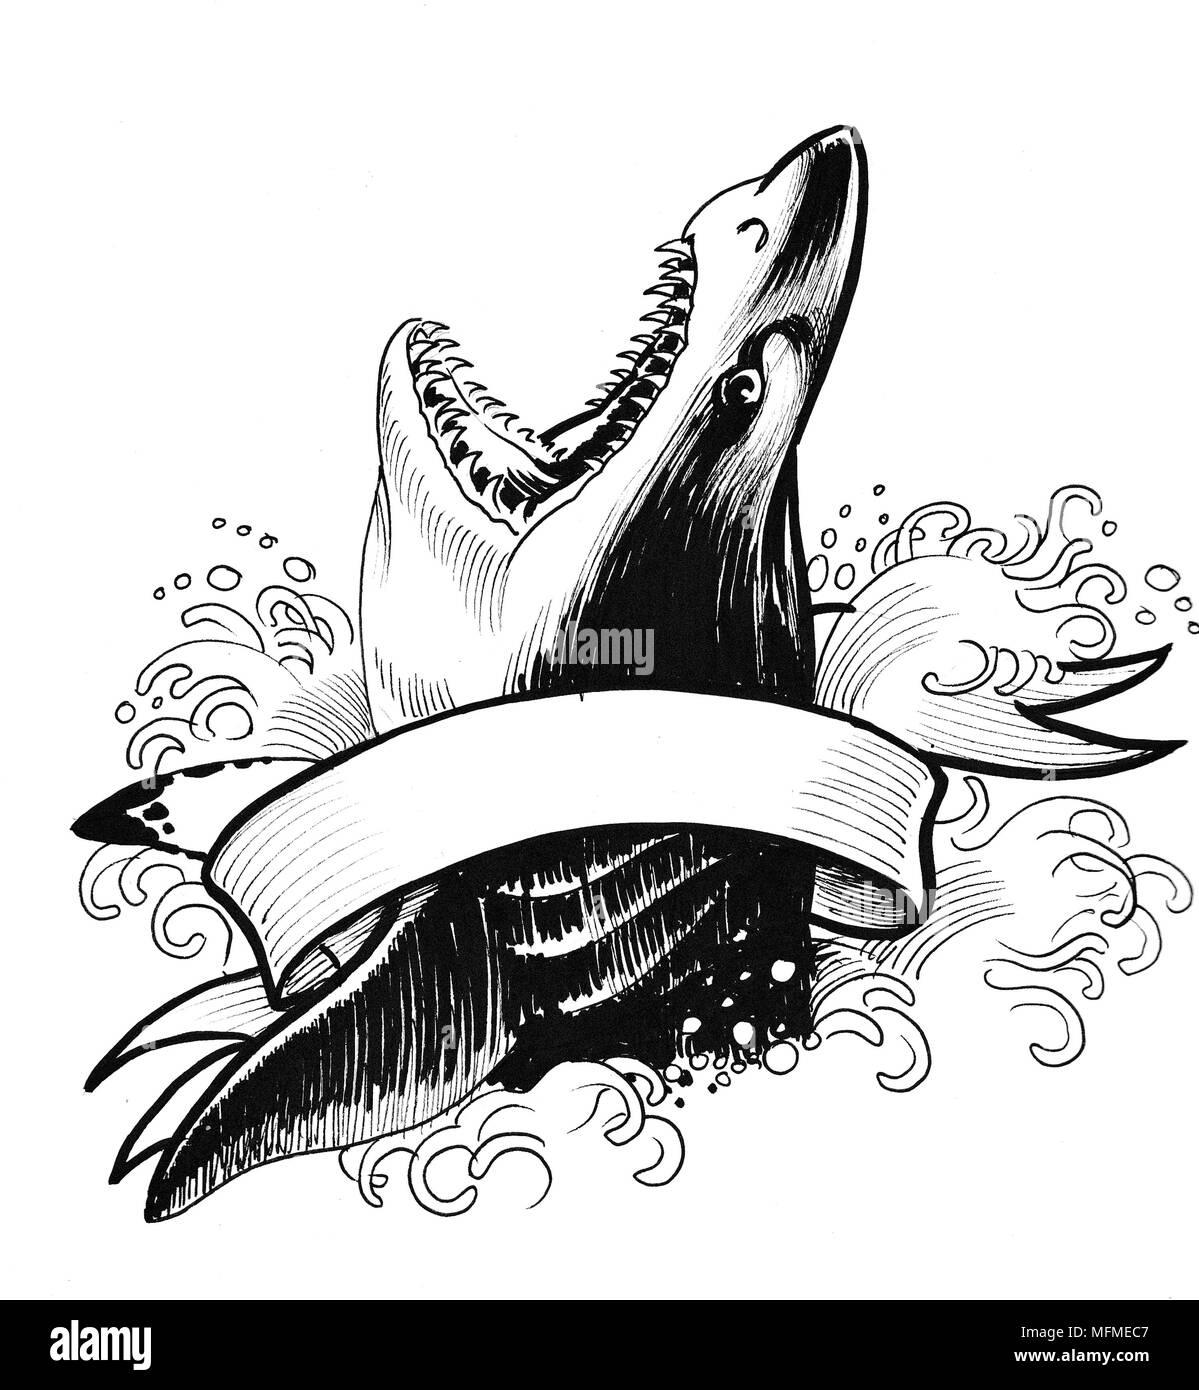 a tinta preto e branco desenho de um tubarão com a boca aberta e